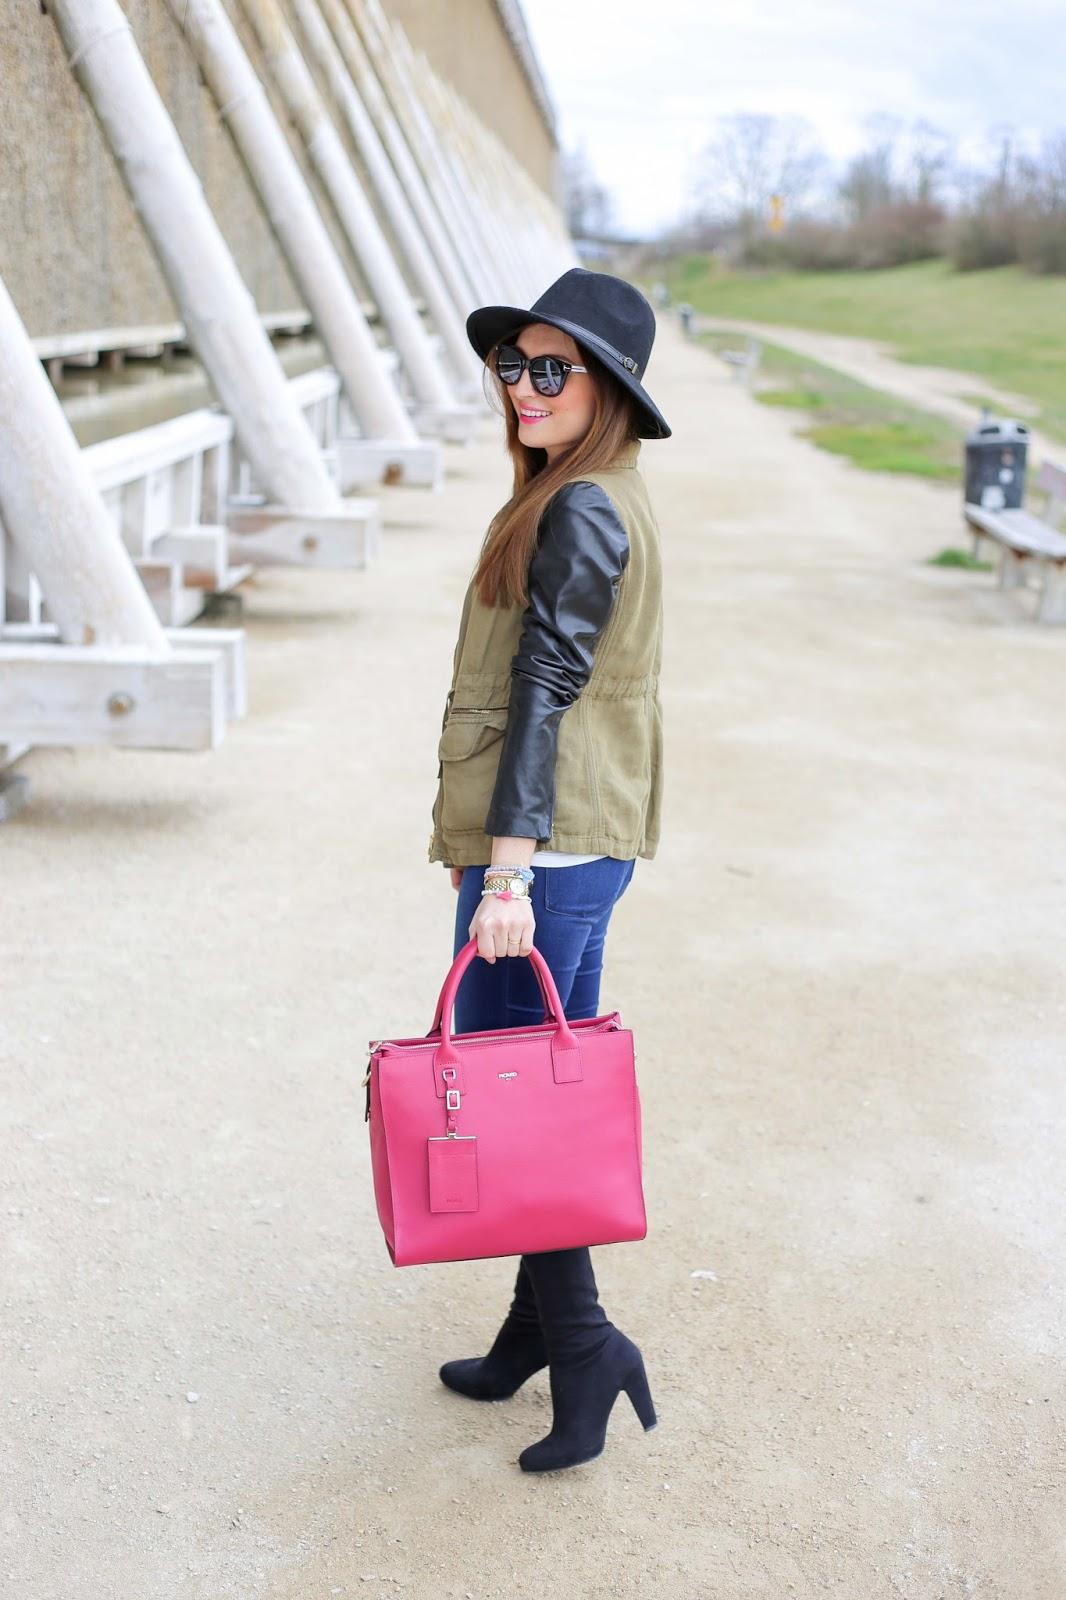 Fashionstylebyjohanna mit pinker Tasche - MIRANDA PICARD - Tasche von Picard - Blogger in Picard - Picard Tasche - Pinke Tasche - Rosa Tasche - Blogger